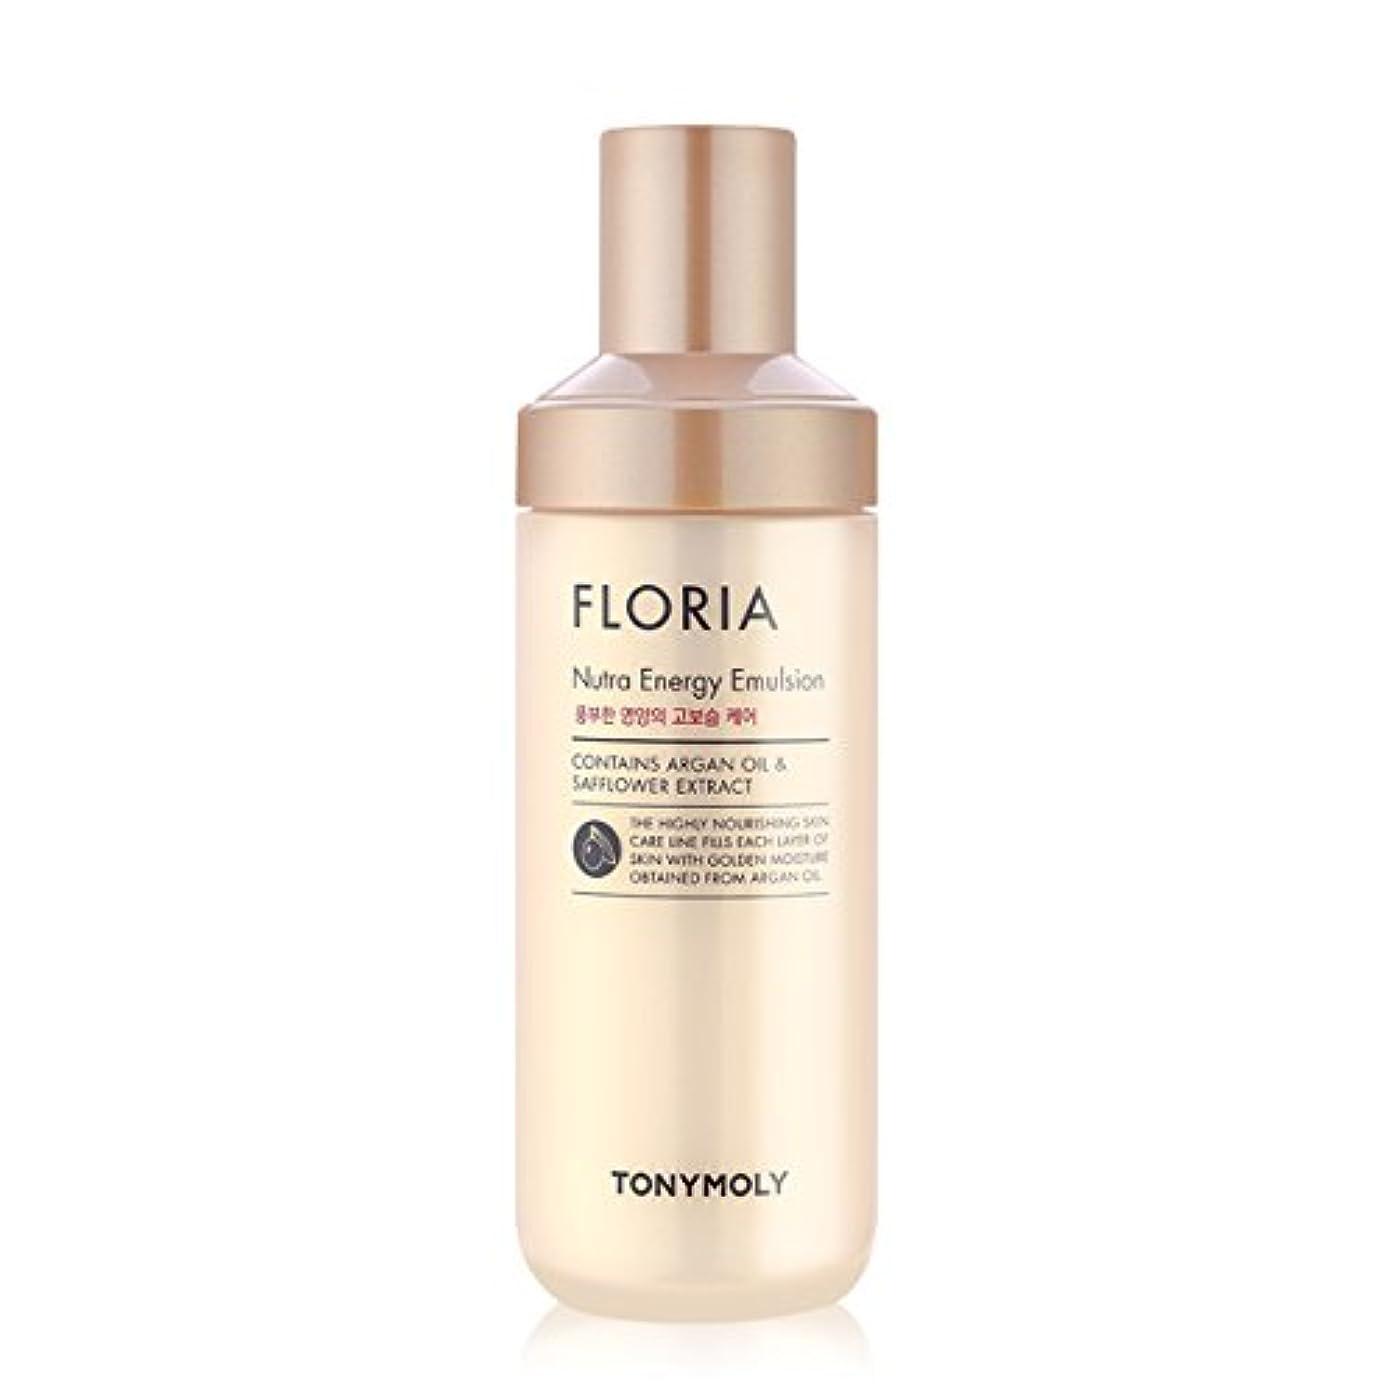 夏証明書メタルライン[2016 New] TONYMOLY Floria Nutra Energy Emulsion 160ml/トニーモリー フロリア ニュートラ エナジー エマルジョン 160ml [並行輸入品]